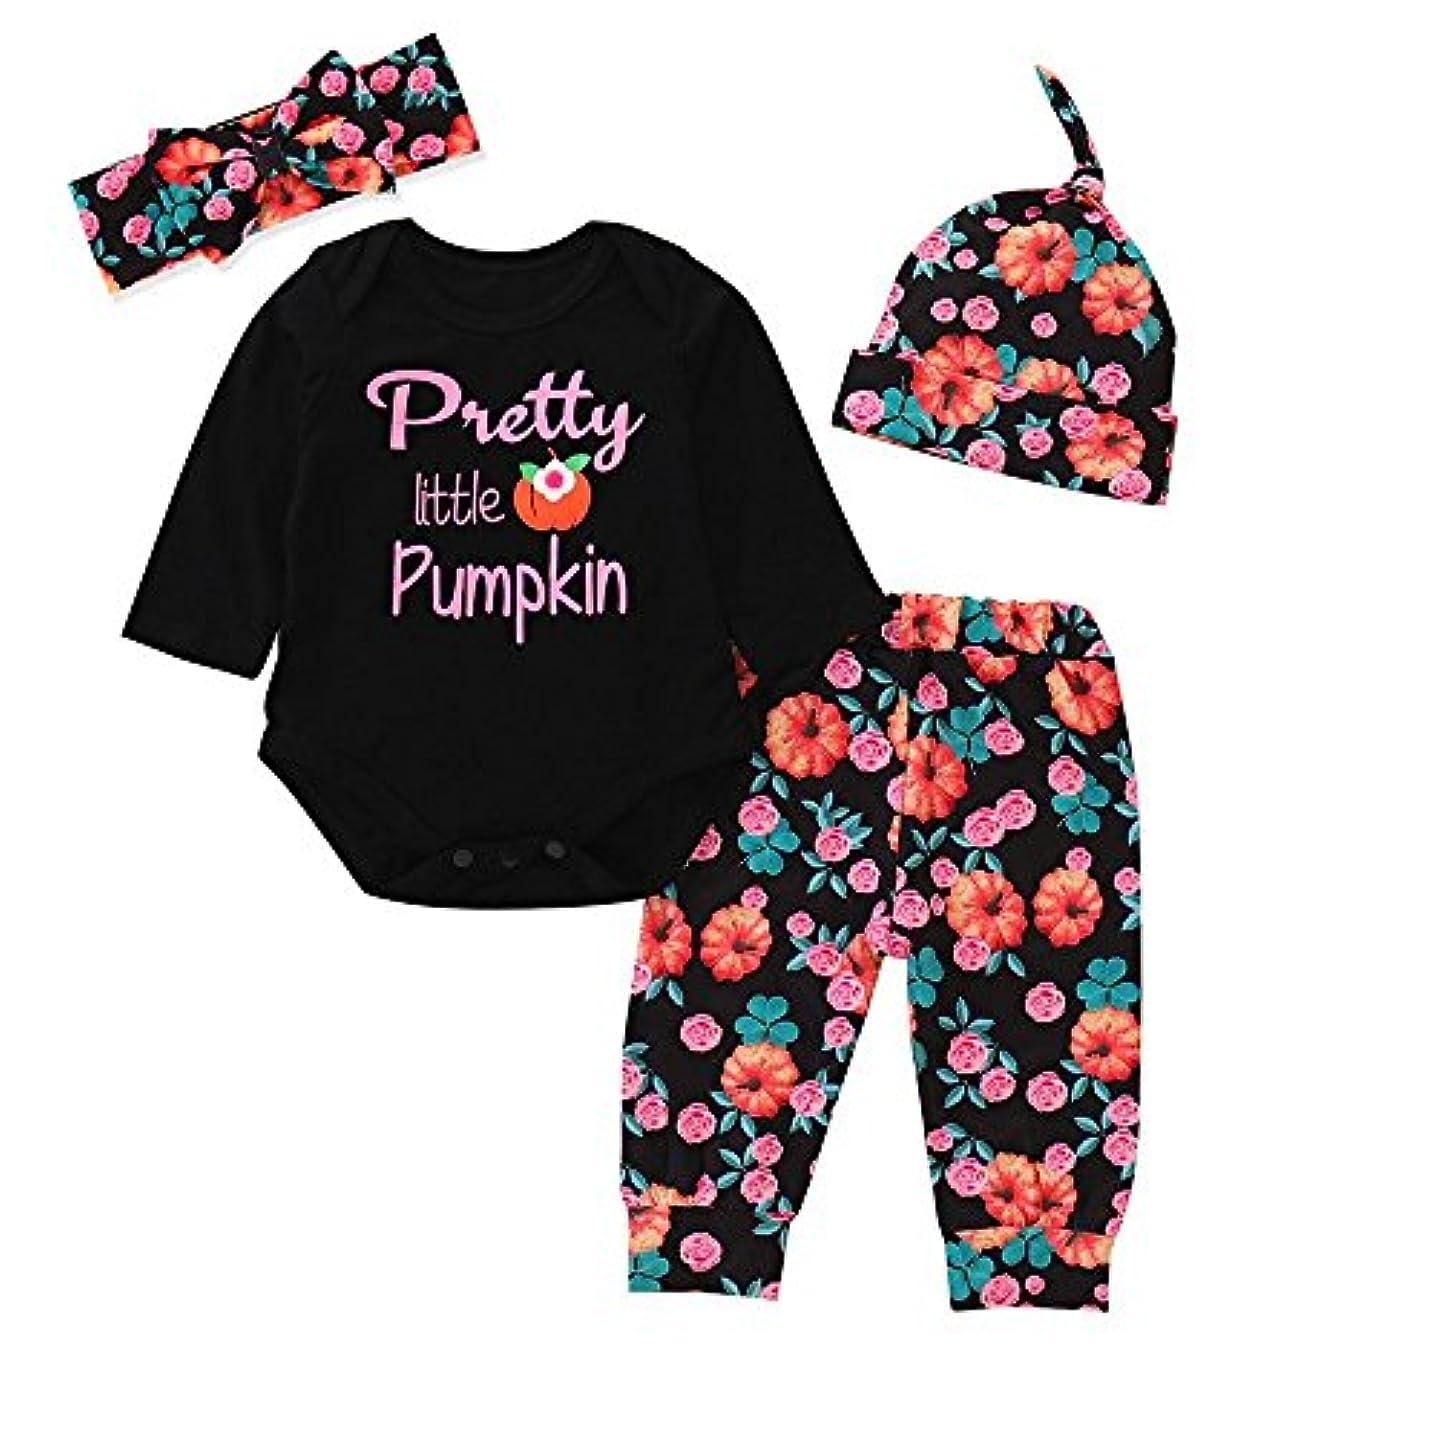 刈る考えた岸BHKK 子供 幼児少年少女ハロウィンパンプキンレターロンパートップス+パンツ+ヘッドバンド+キャップ 6ヶ月 - 24ヶ月 24ヶ月